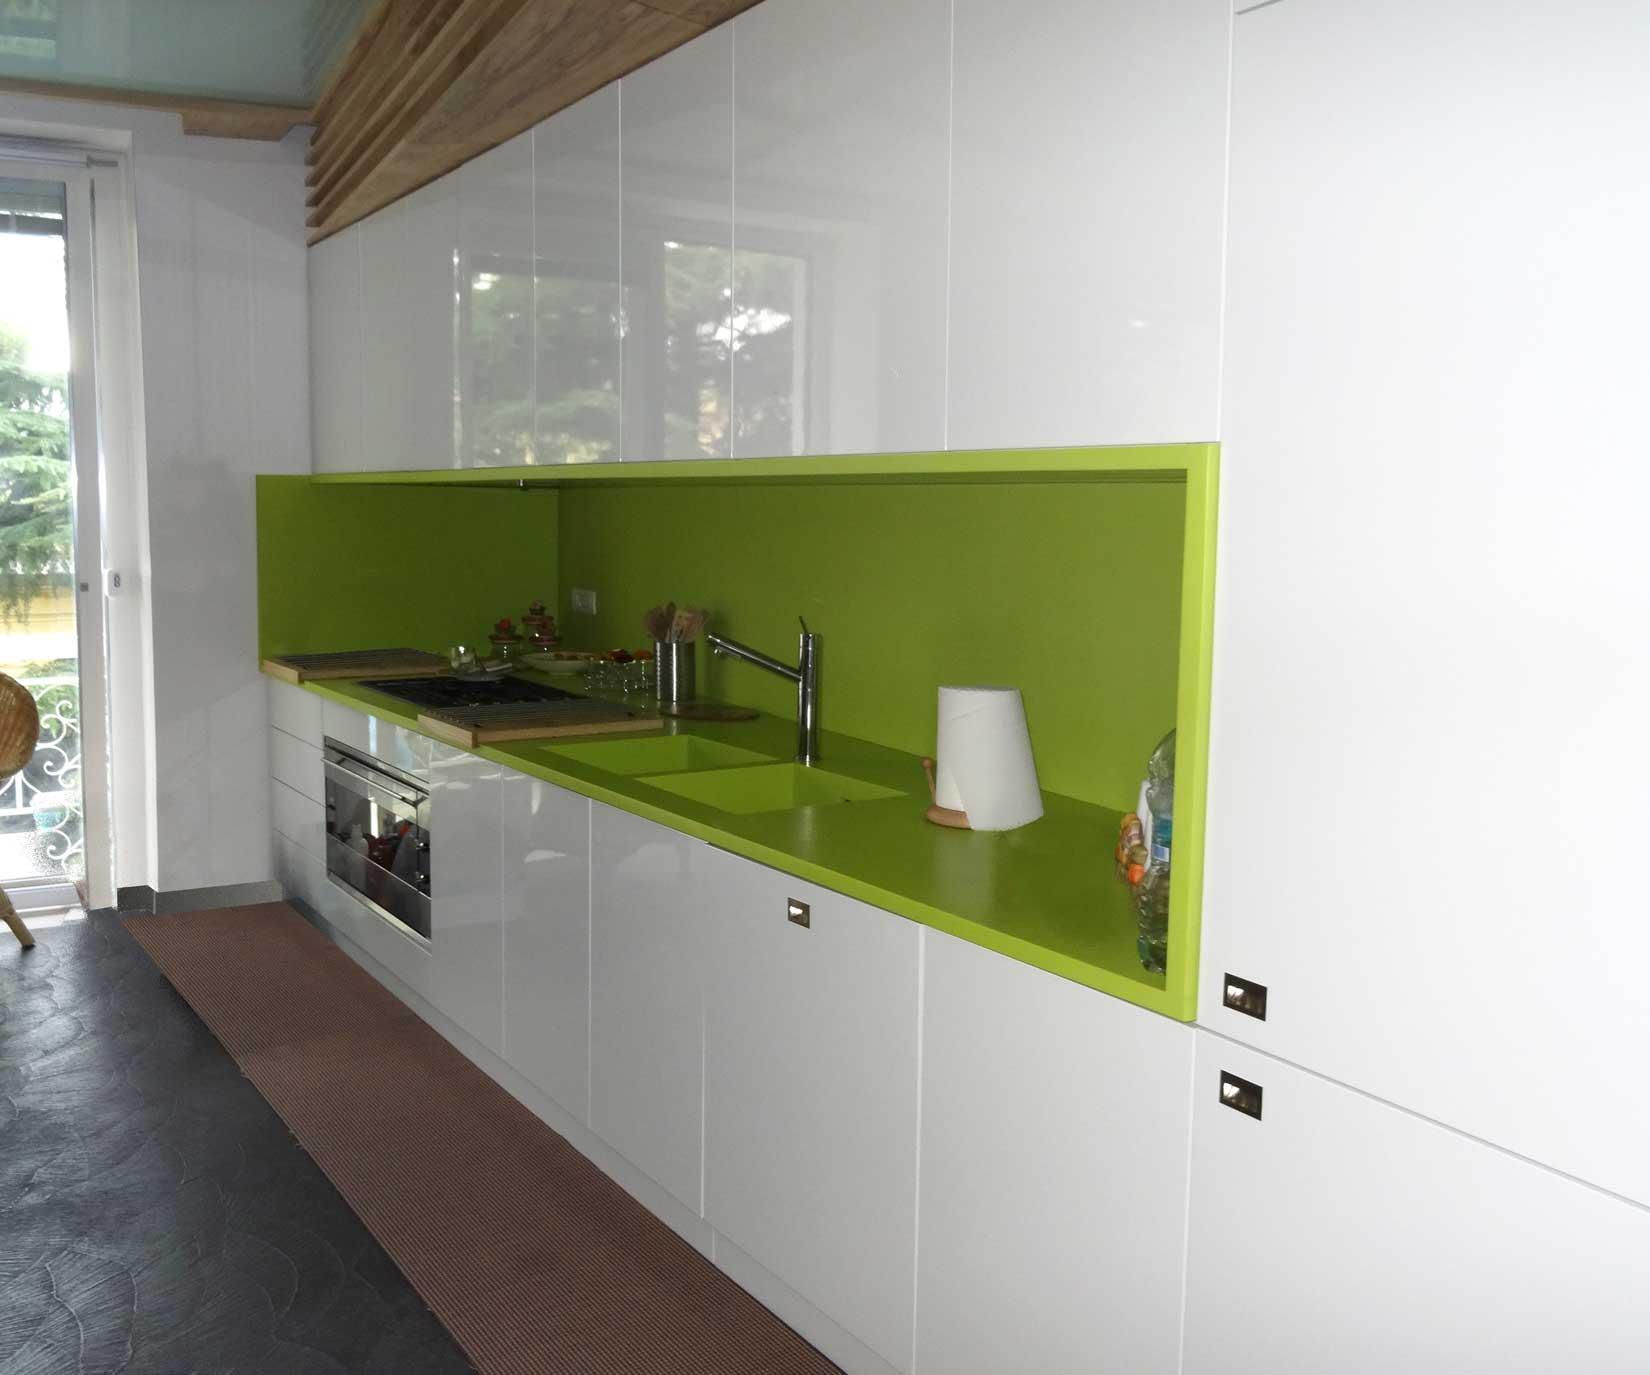 Centro lavorazione corian napoli produzione design in corian - Top cucina corian prezzi ...